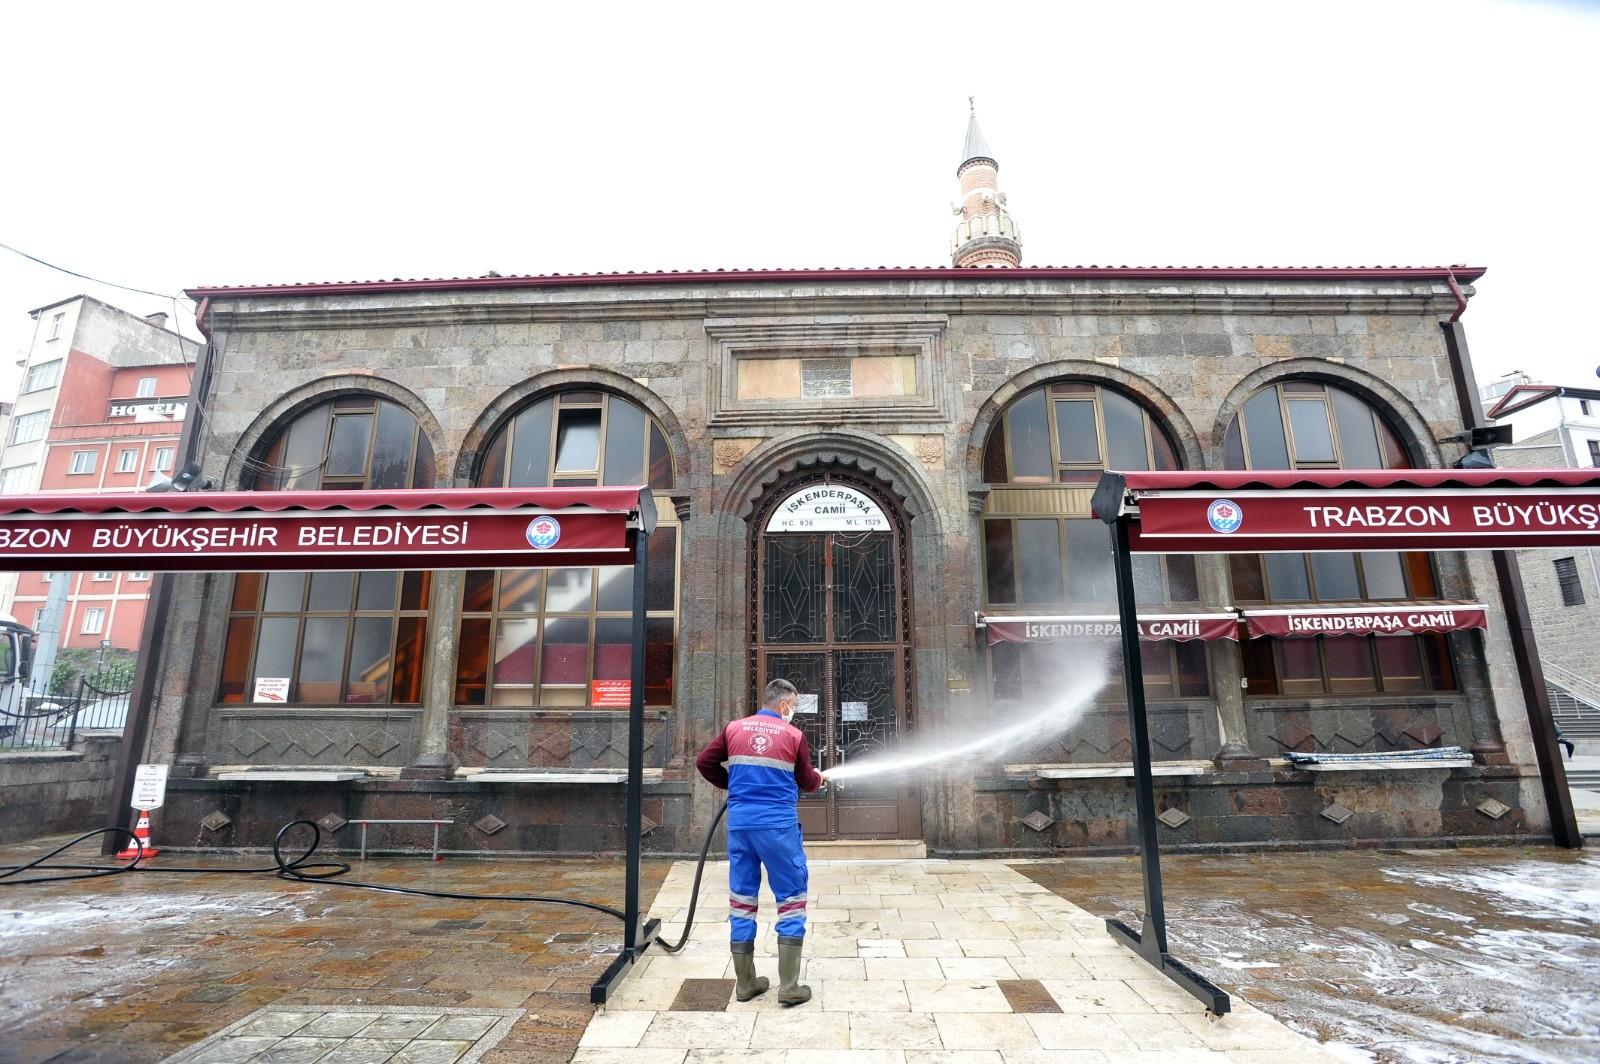 Trabzon'da Cuma namazı kılınacak yerler belli oldu